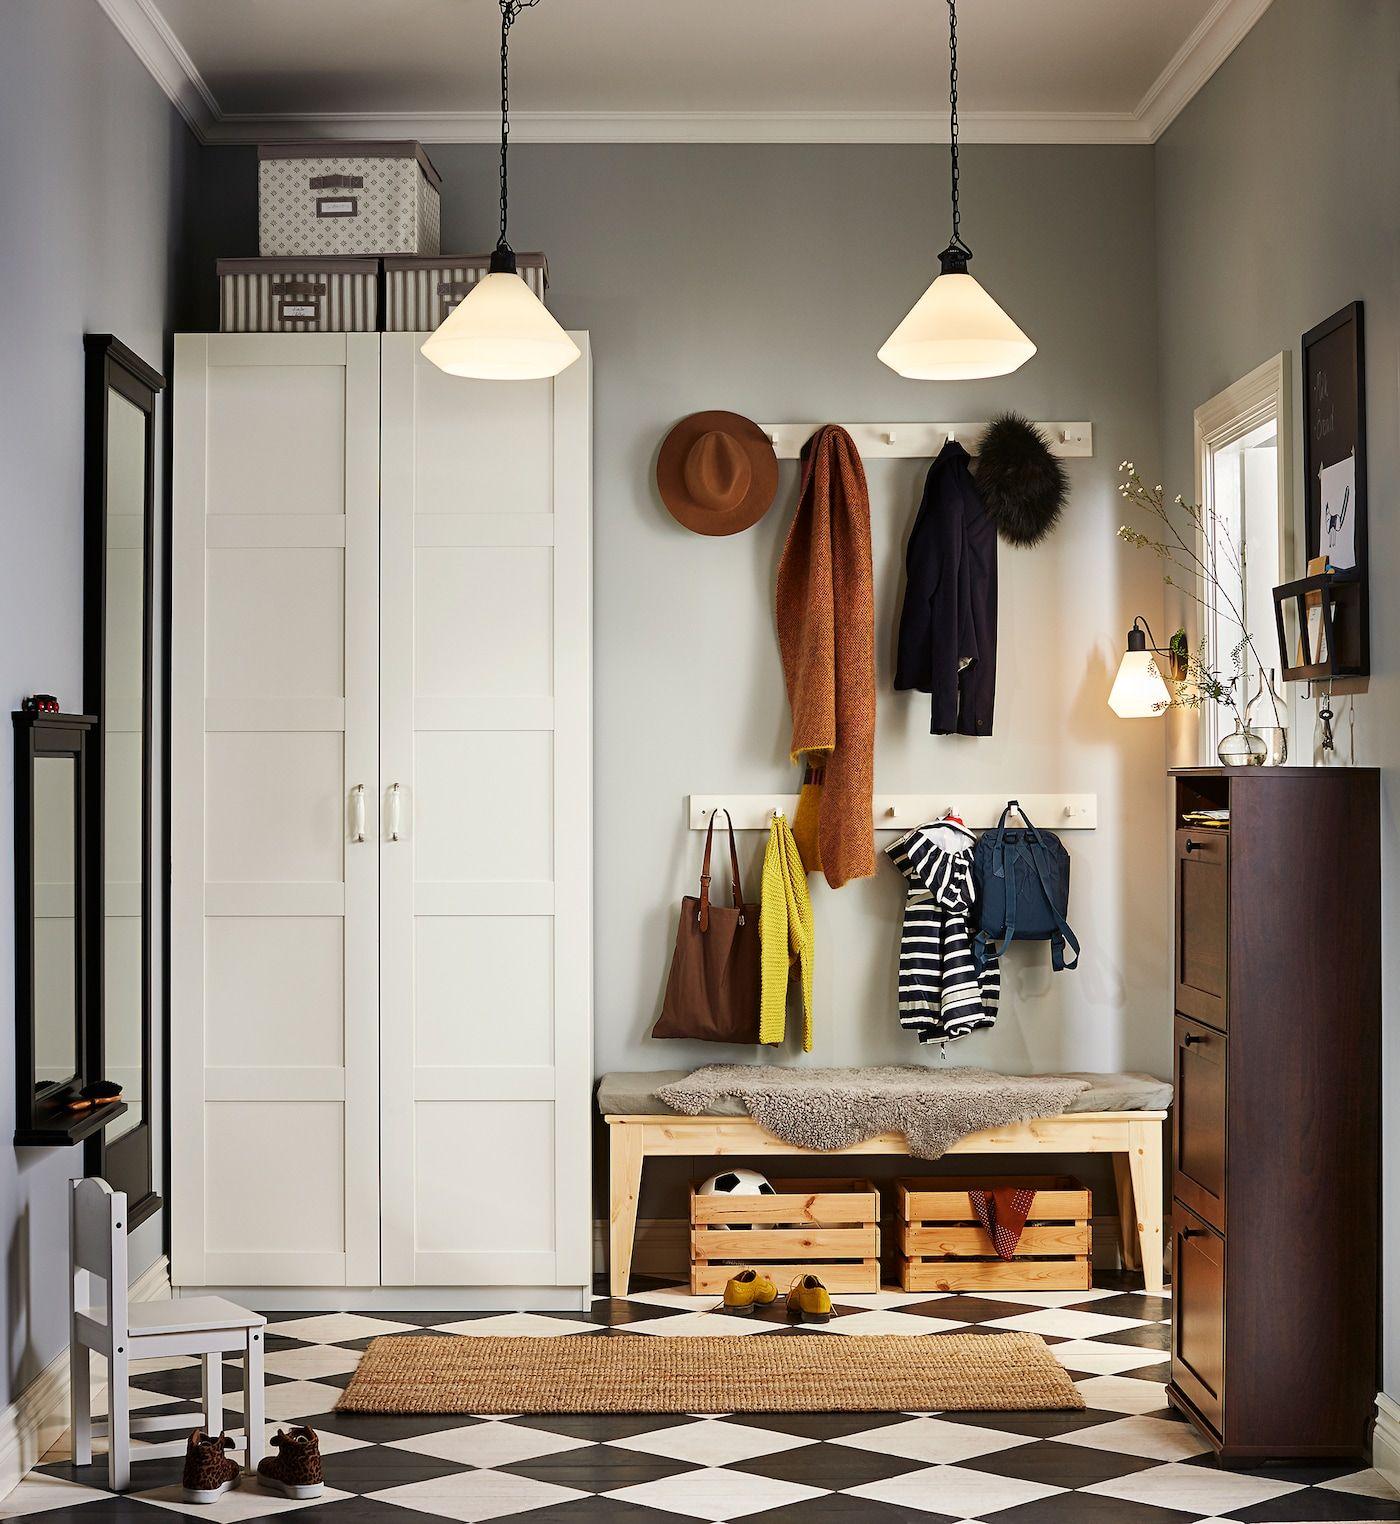 Mehr Platz Im Flur Fur Jacken Mutzen In 2020 Luxuriose Inneneinrichtung Luxus Interieur Wohnungseinrichtung Wohnzimmer